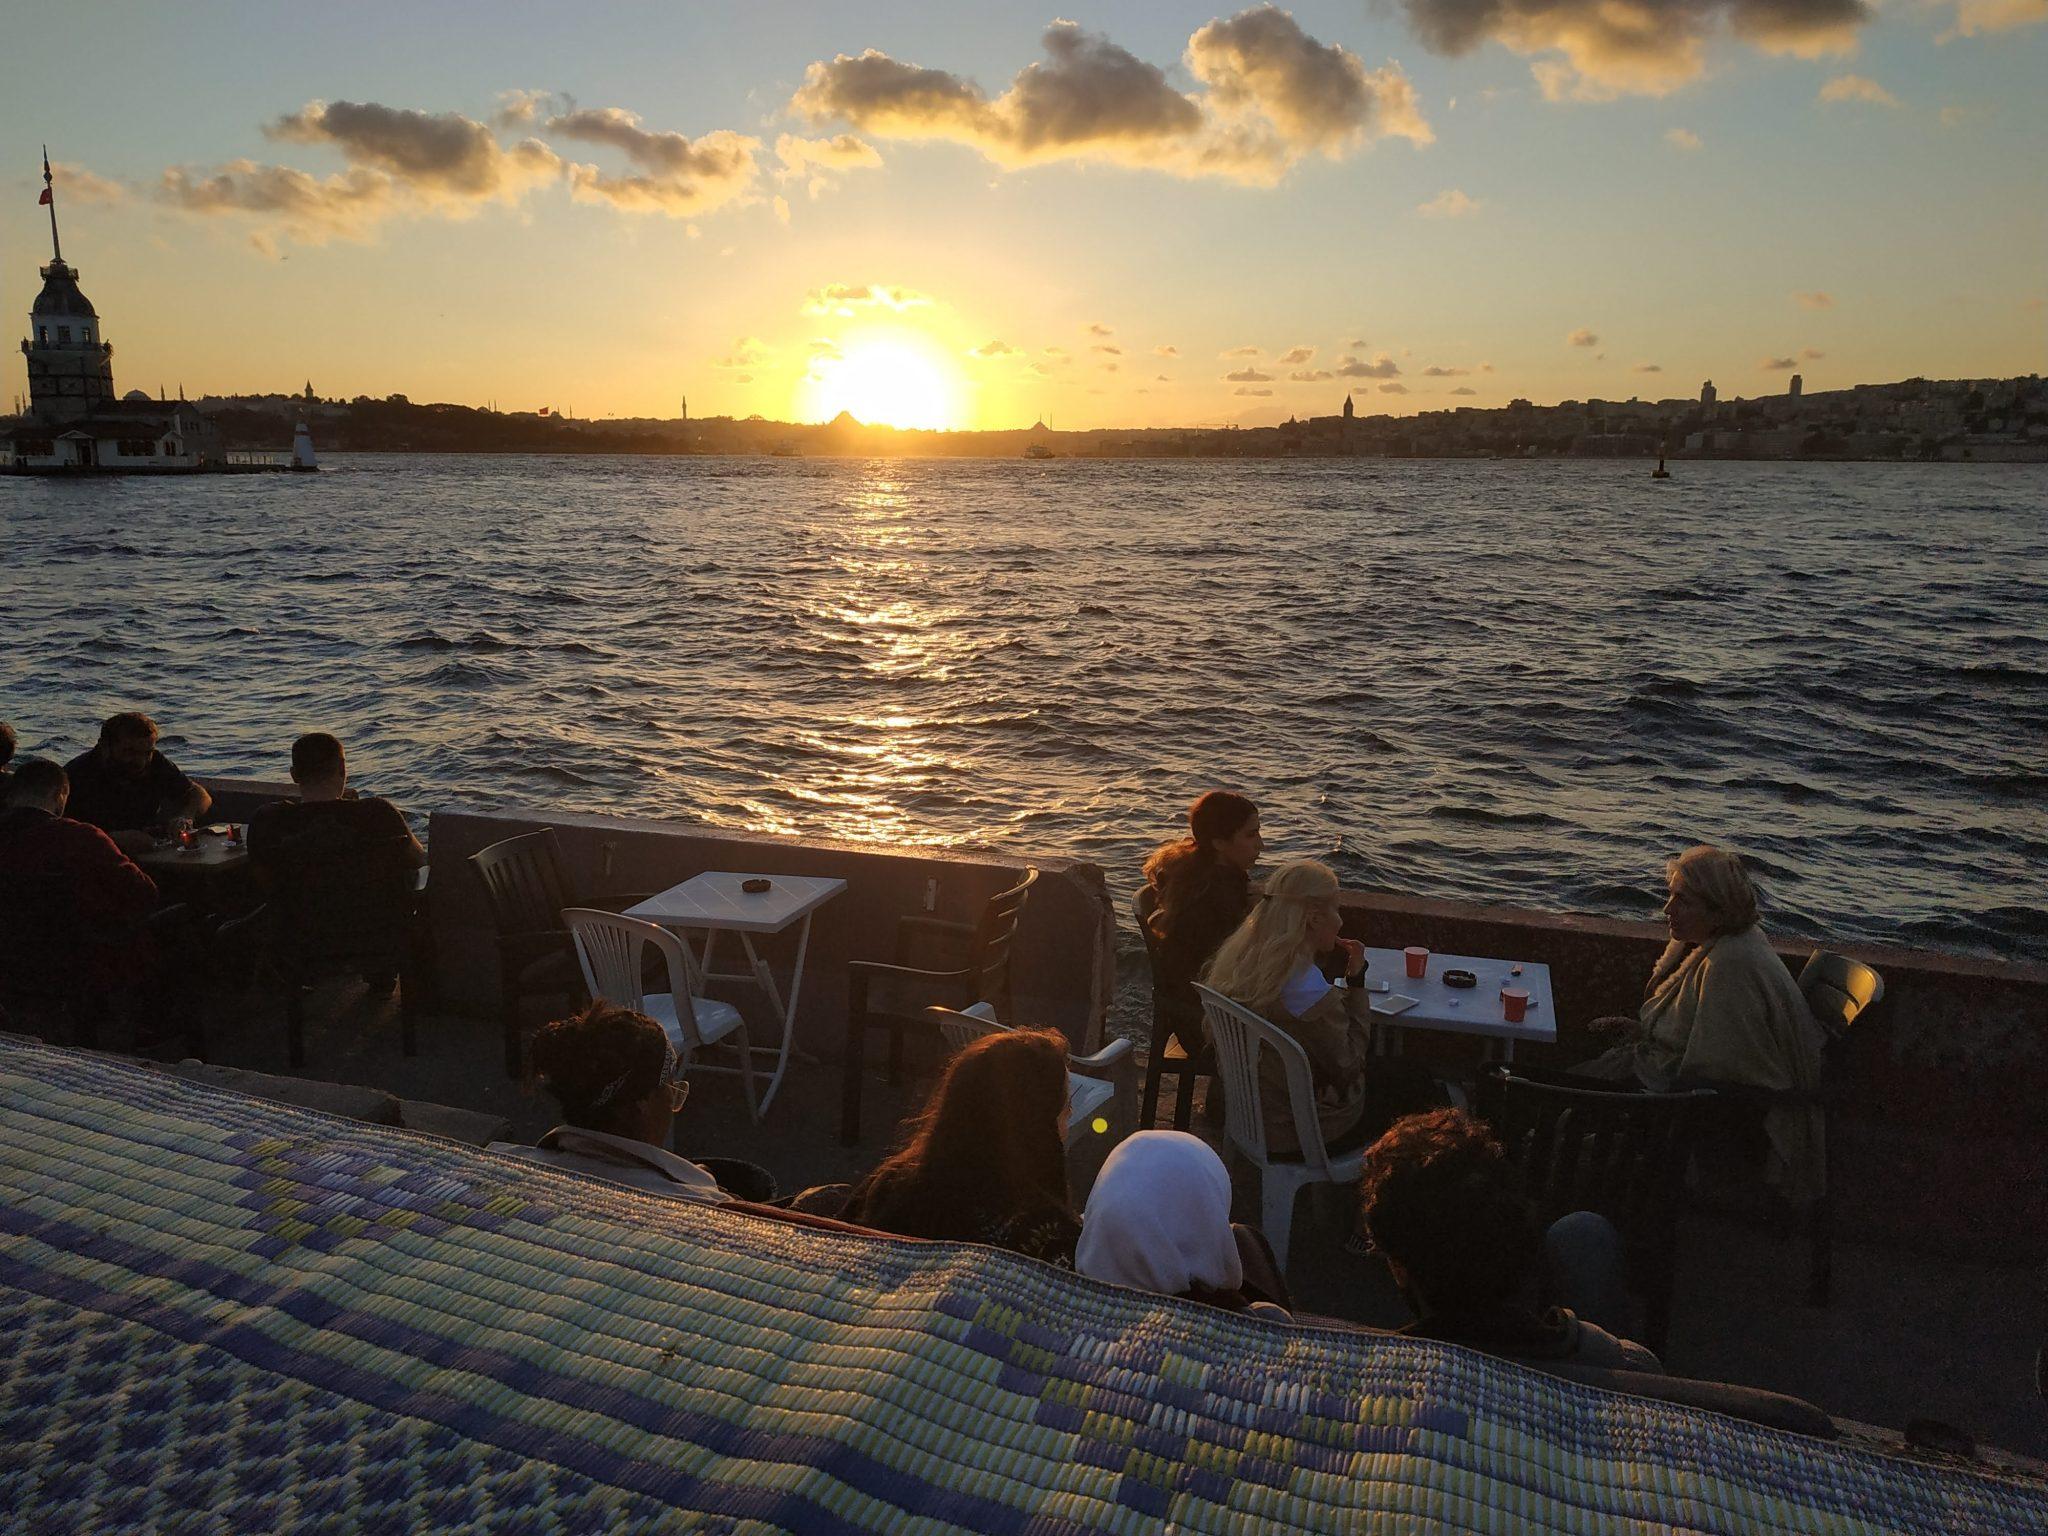 Imagen post Cuatro días en Estambul. Puesta sol Uskudar - Pasaporte y Millas